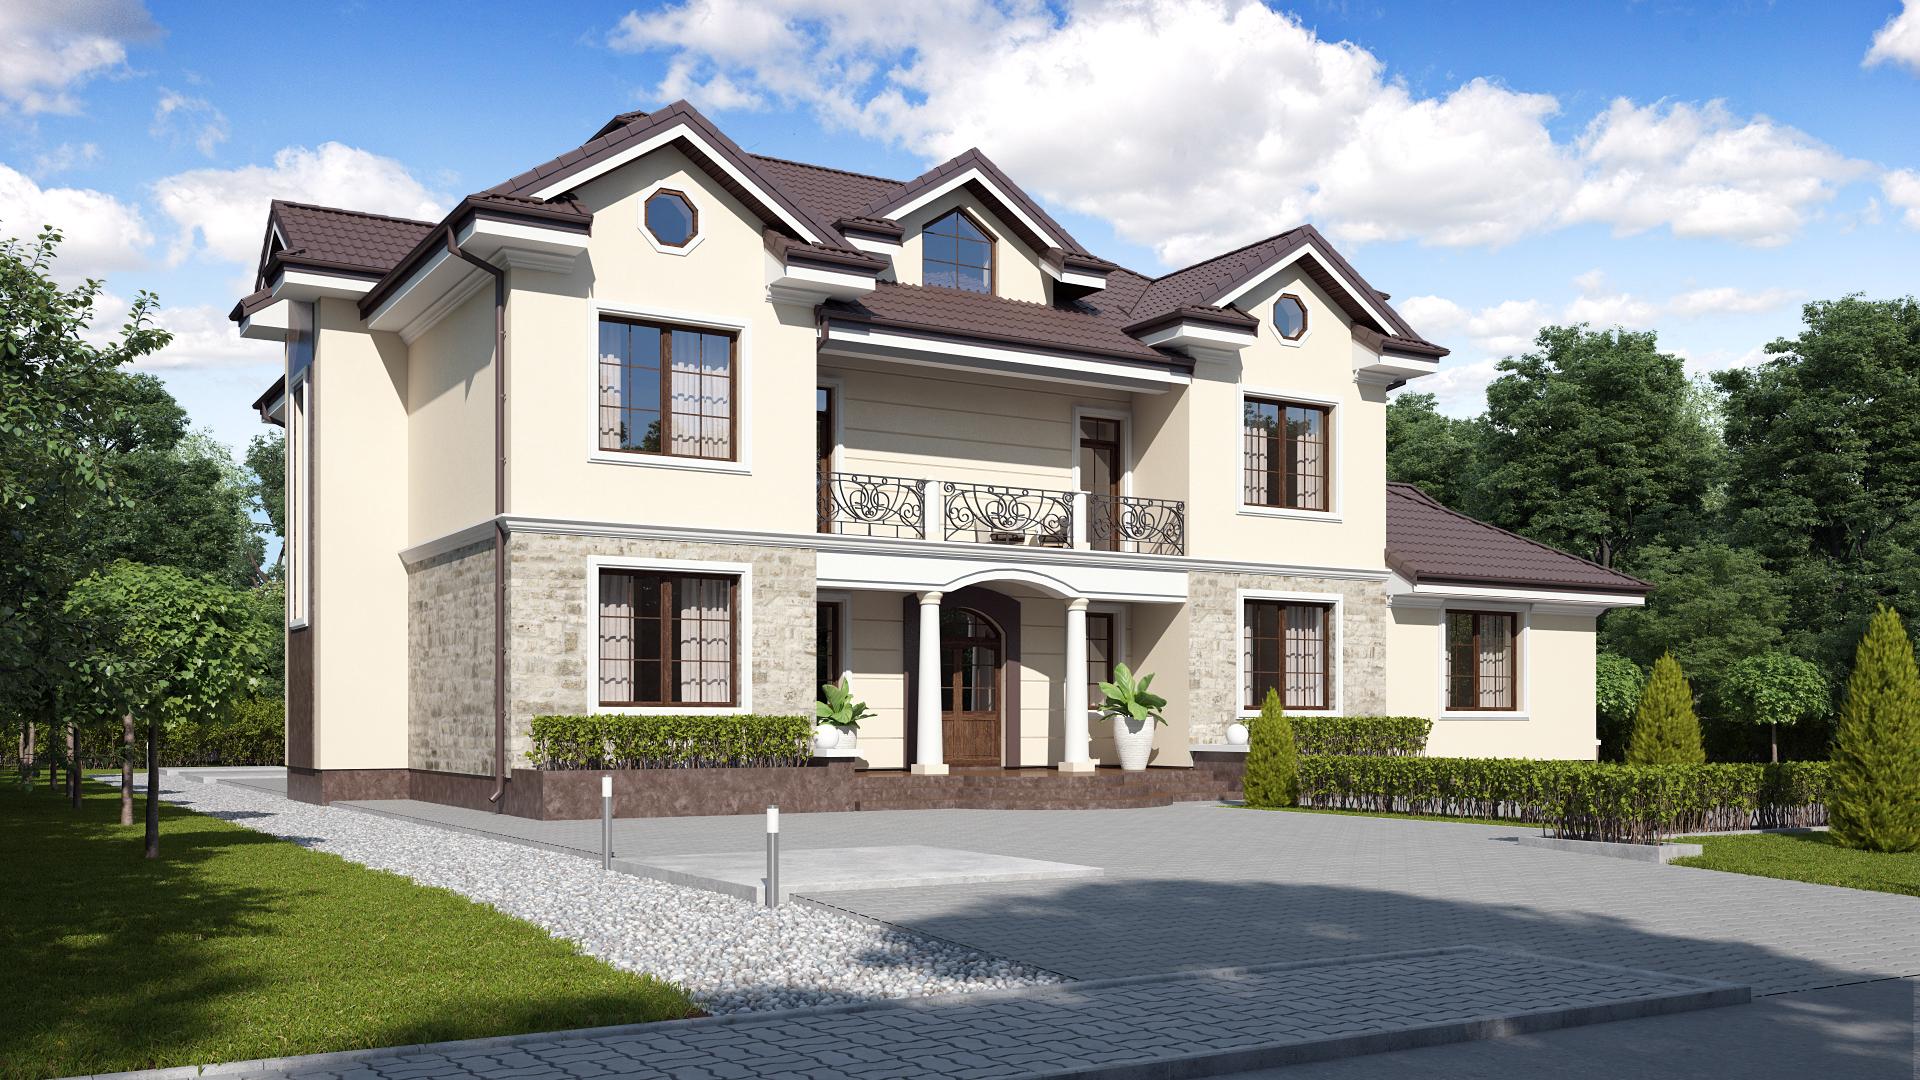 2a0f50bbf14 У даному розділі представлені готові проекти будинків. Чи хочете Ви  одноповерховий будинок або двоповерховий котедж з гаражем на два  автомобіля, ...